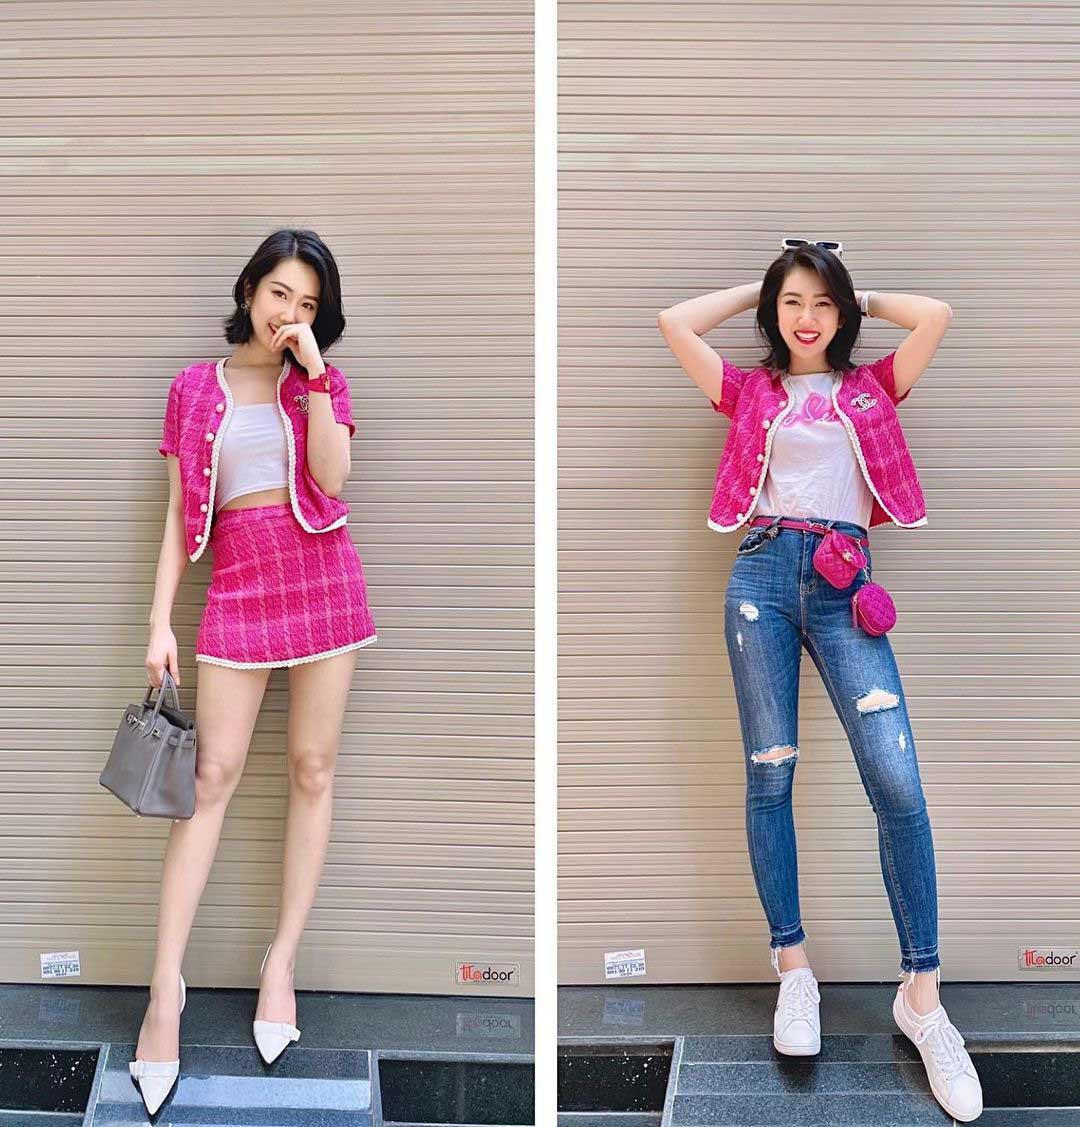 Mỹ nhân mặc quyến rũ tuần qua: Minh Hằng mặc váy yếm, Ngọc Trinh diện váy siêu ngắn - Ảnh 8.